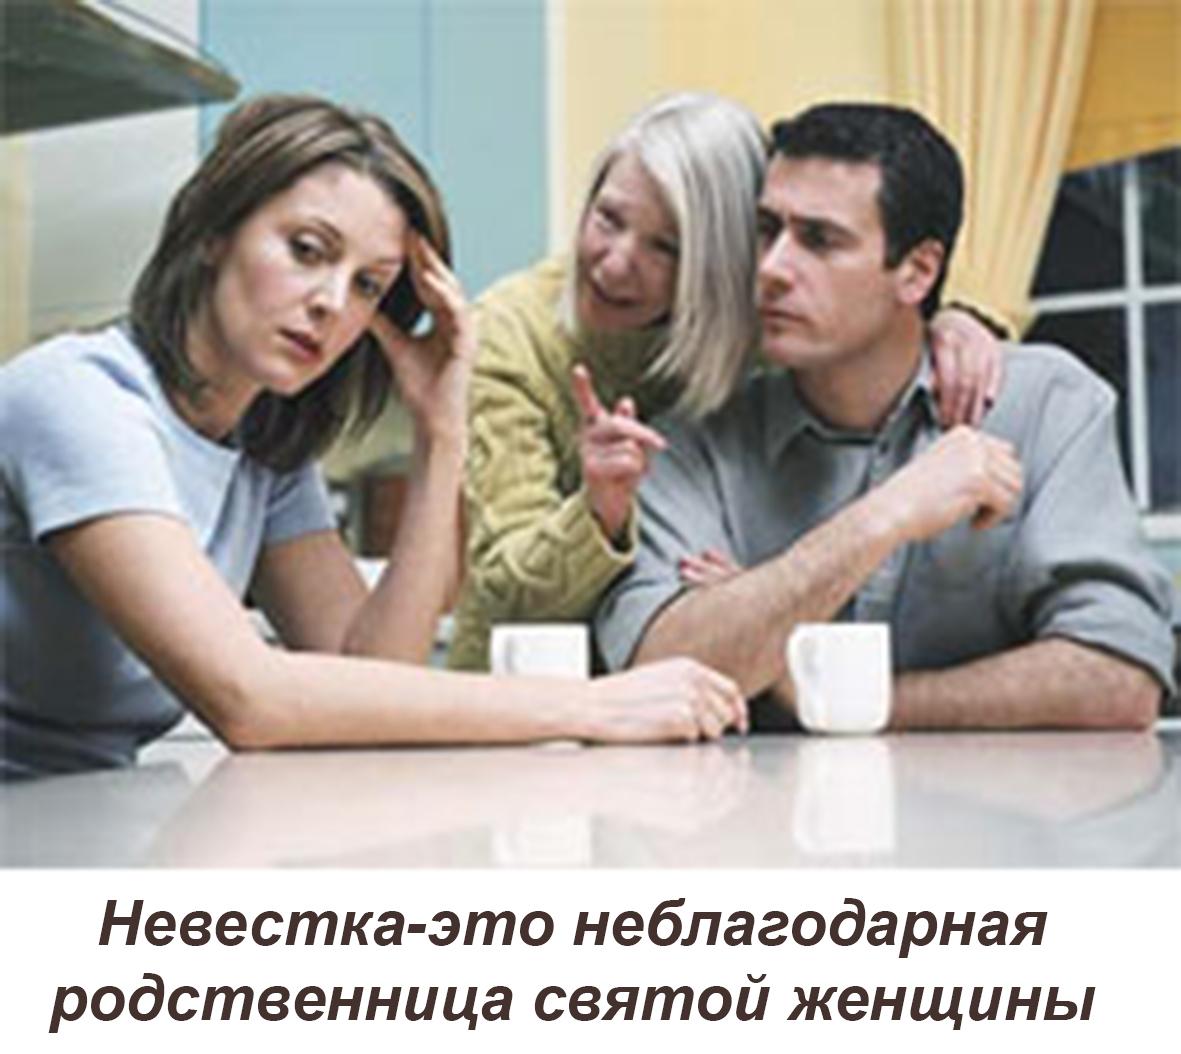 Сын и мамины подружки смотреть онлайн 4 фотография